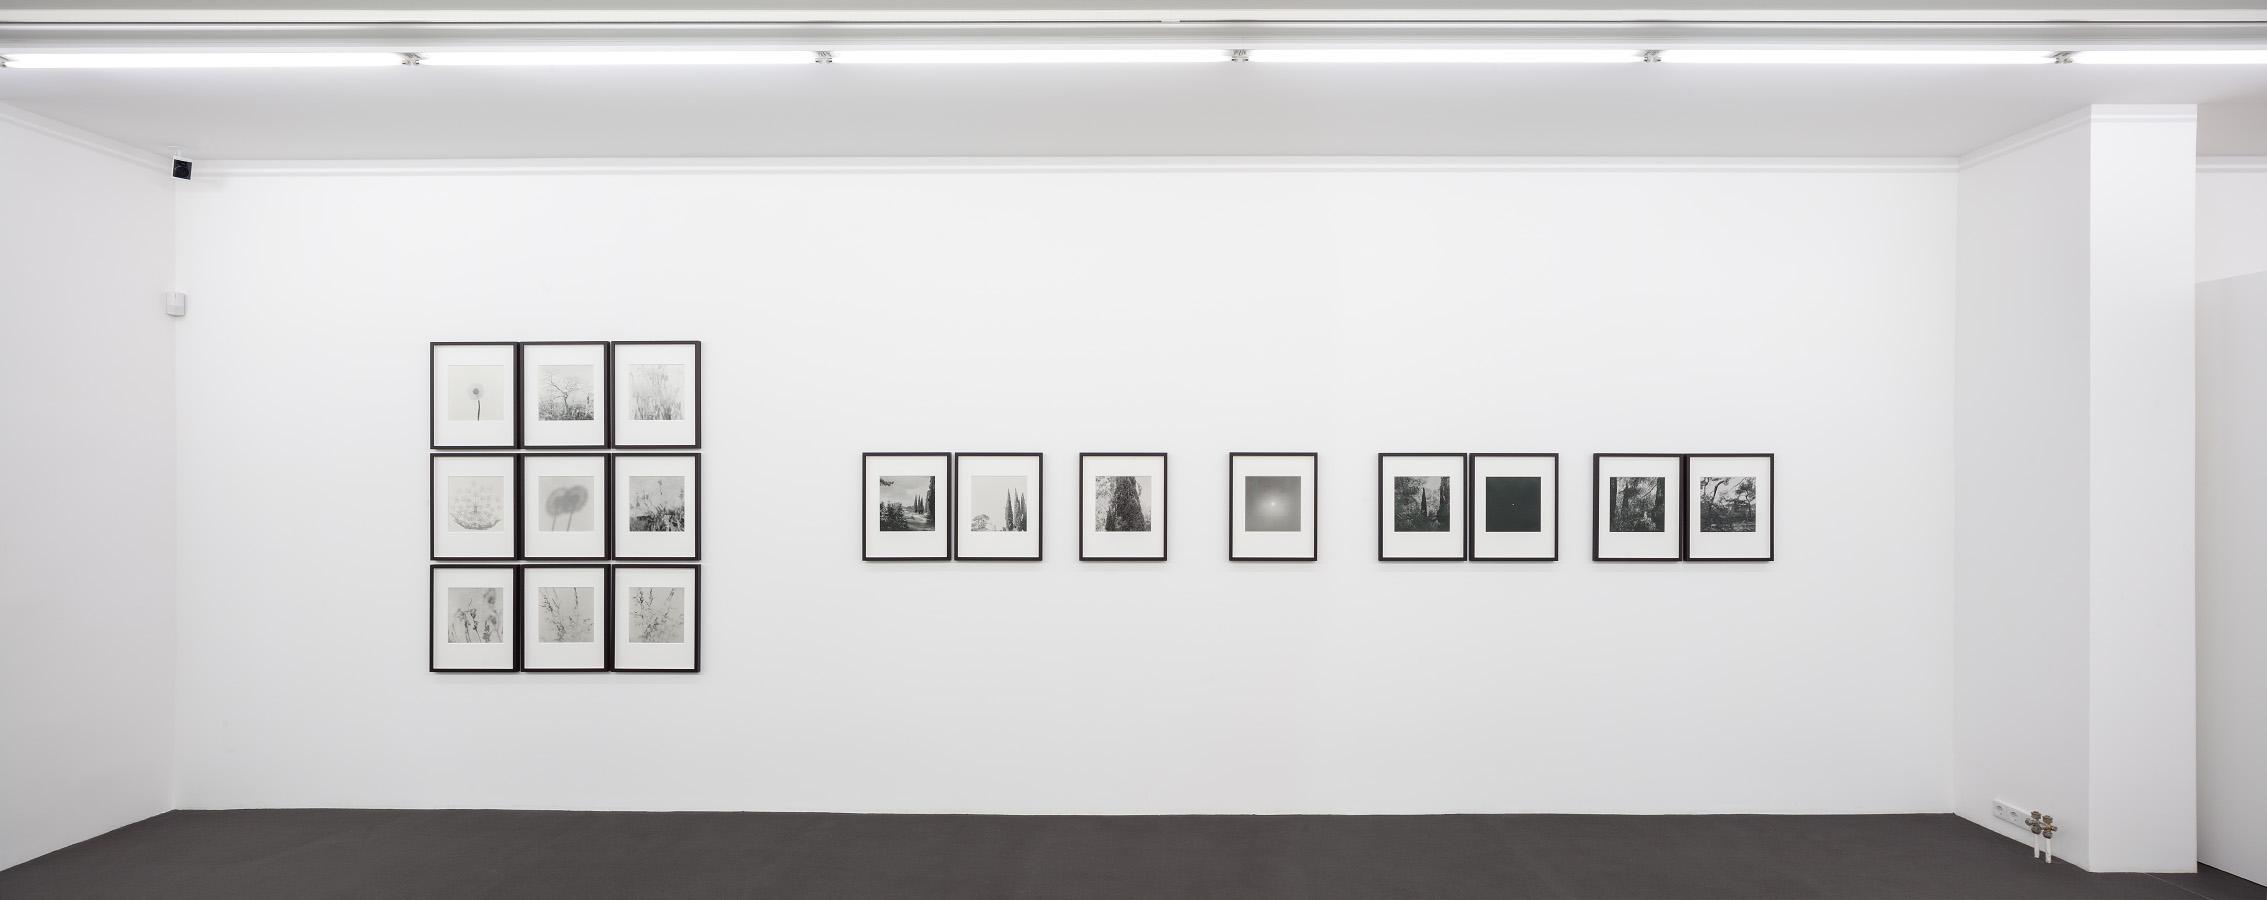 Kehrer Berlin Galerie, Ausstellung Lob der Wildnis | Serial Landscapes, 7. Februar bis 29. März 2015. © Foto: Henning Rogge